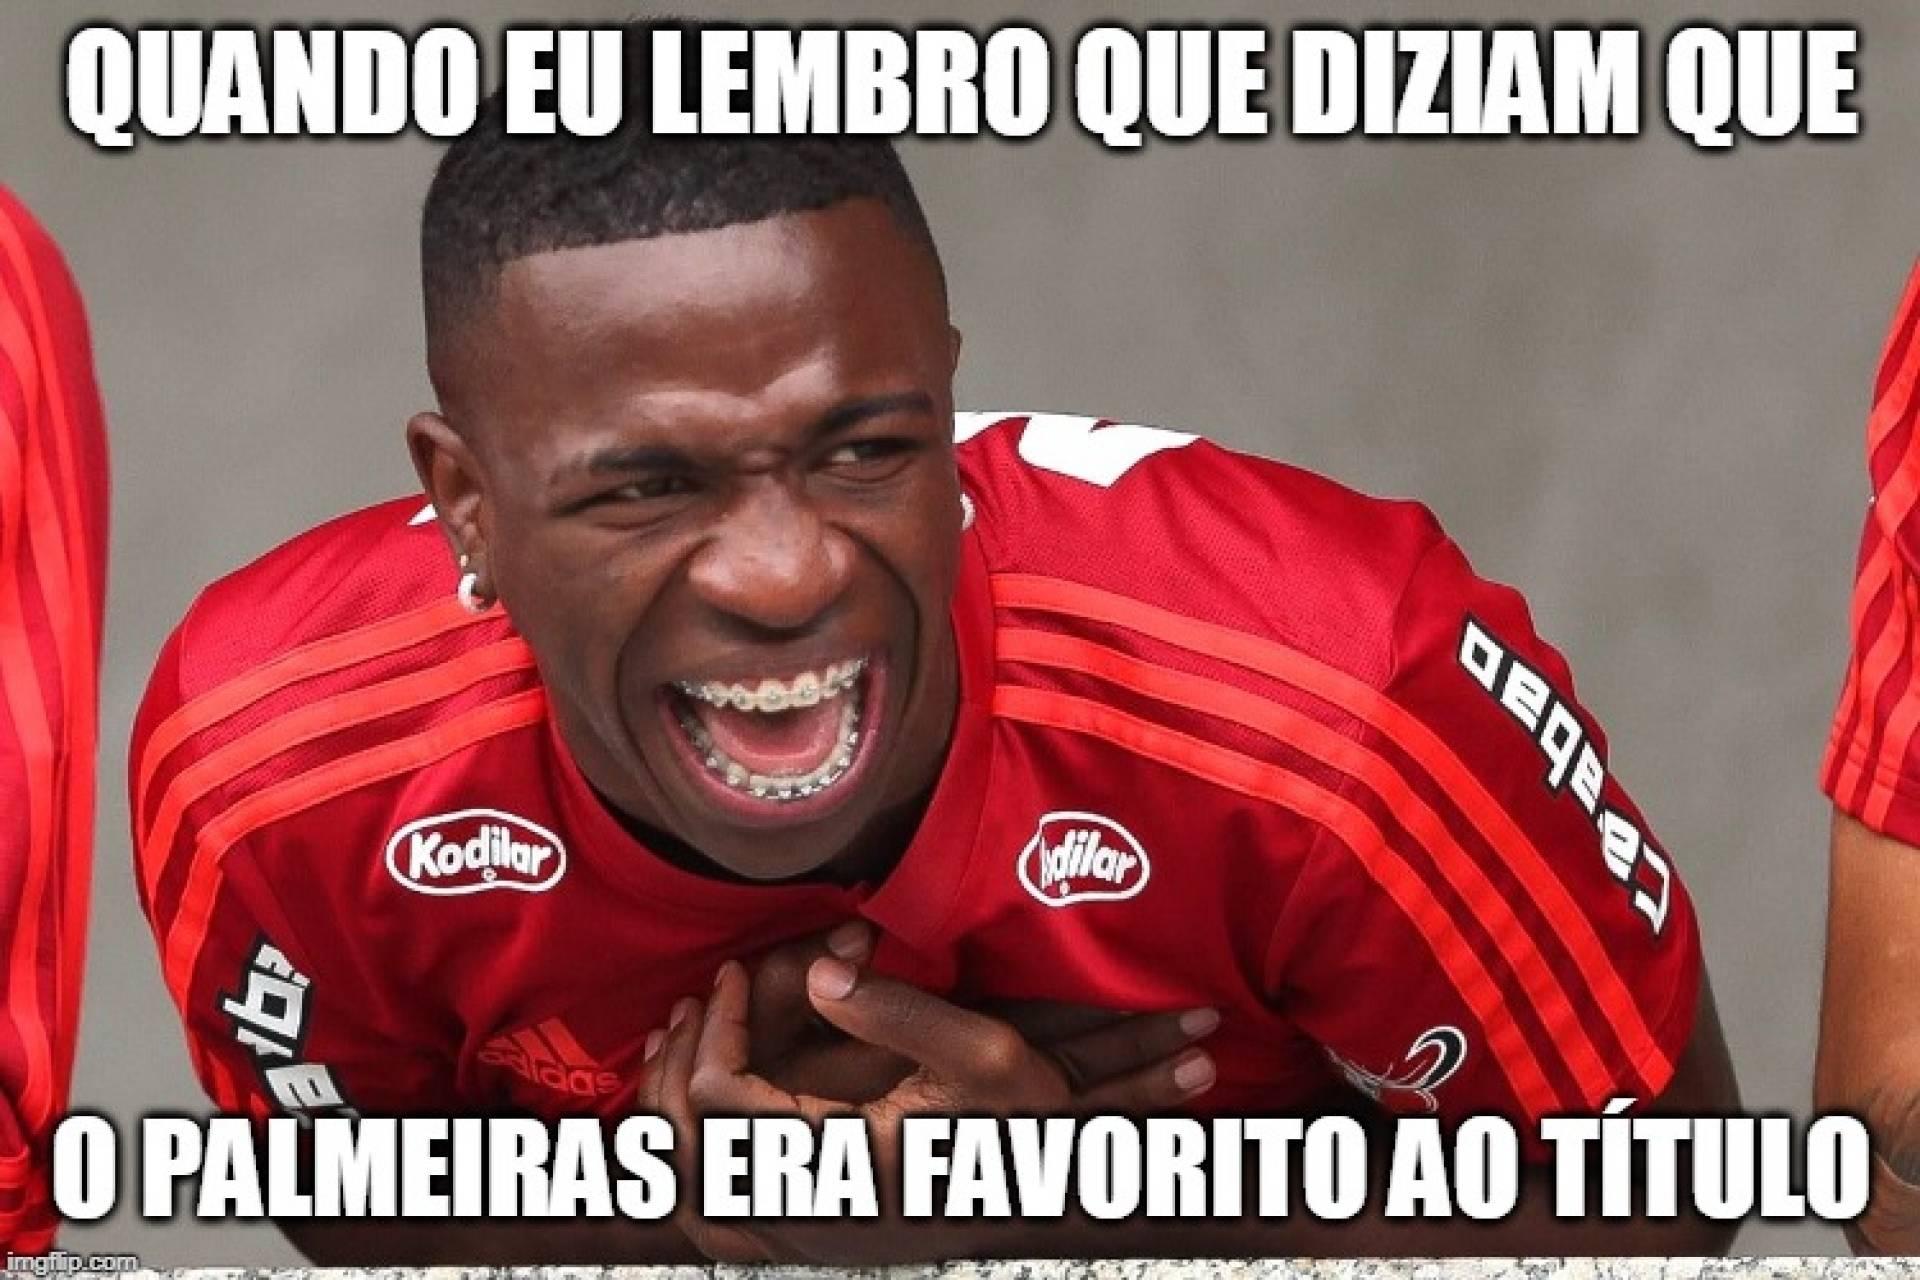 Torcida Do Flamengo Vai à Loucura Com Chocolate Em Cima Do